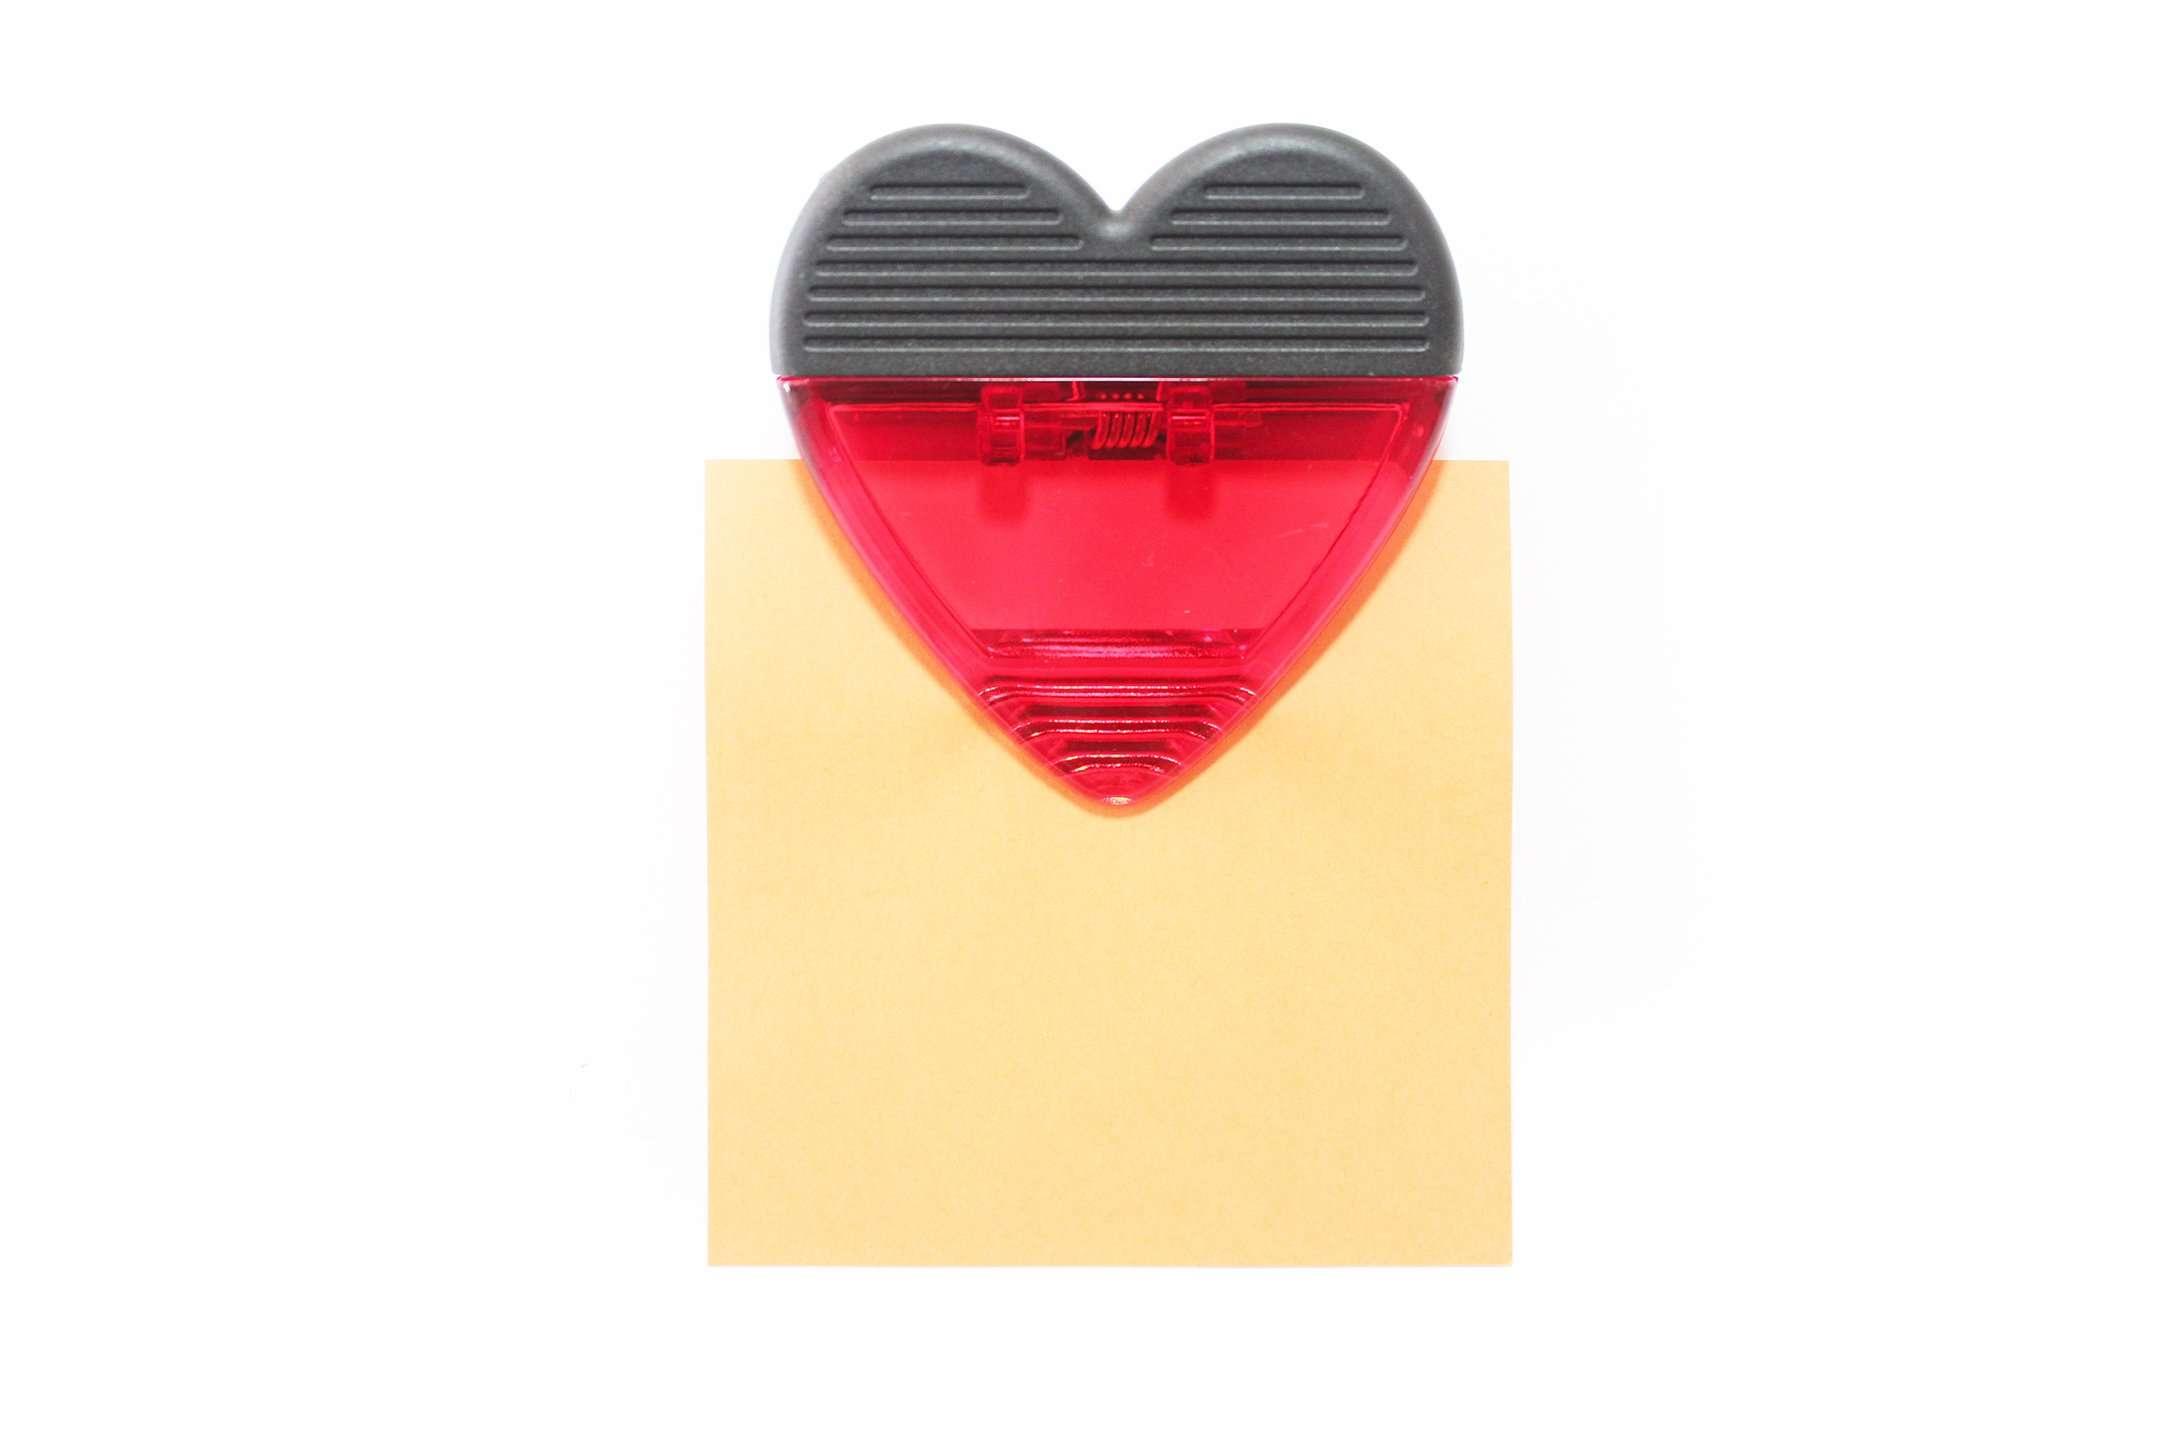 קליפס מגנט בצורת לב